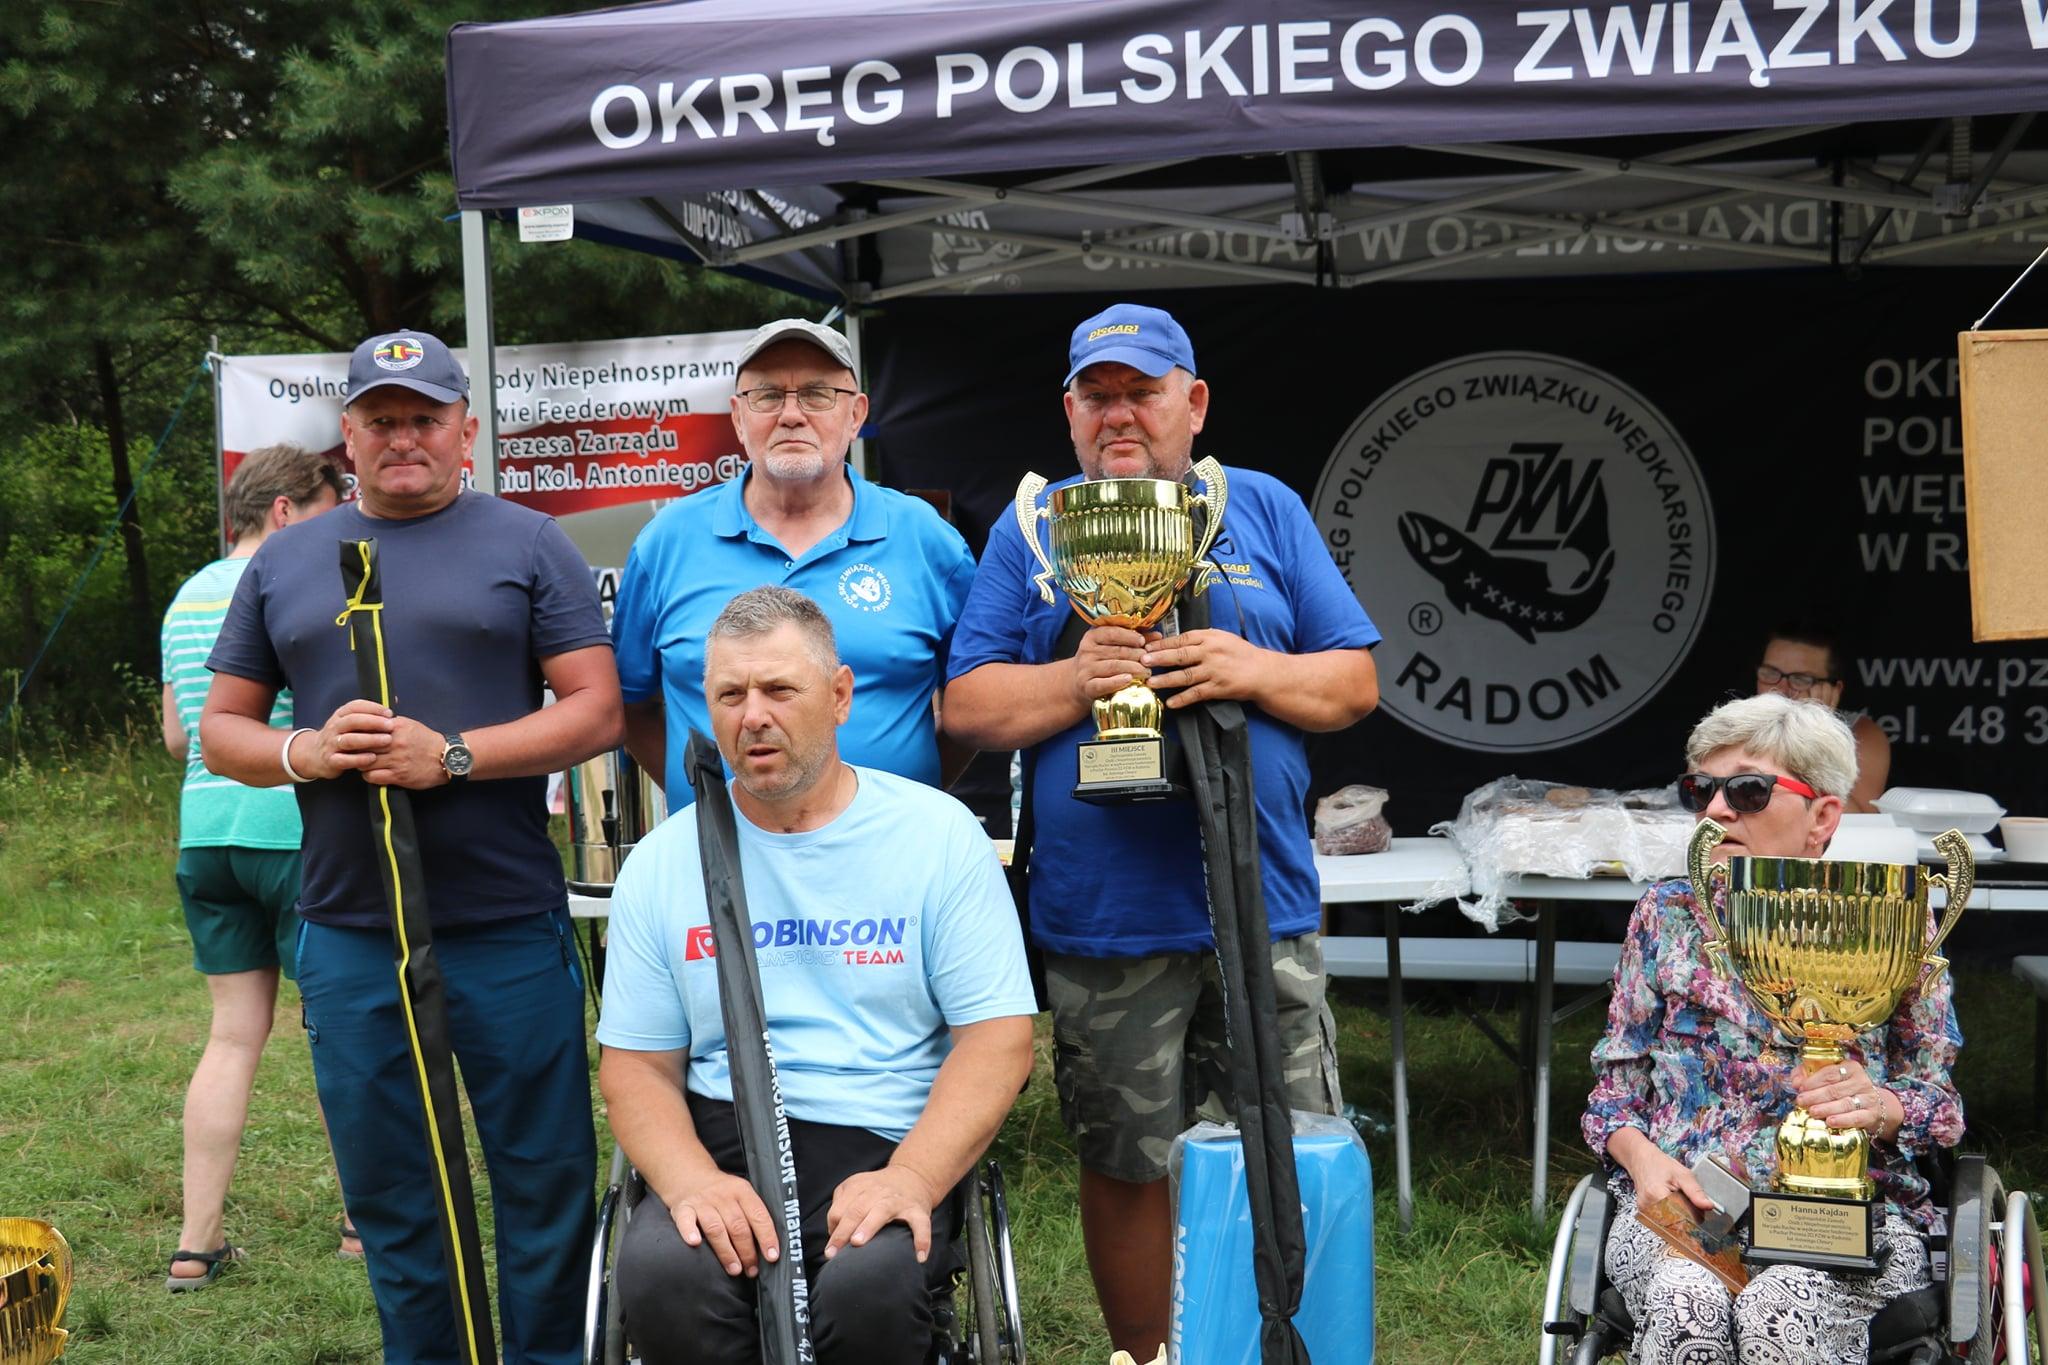 ŁUKÓW. Marek Kowalski trzeci na zawodach wędkarskich w Jastrzębiu  - Zdjęcie główne